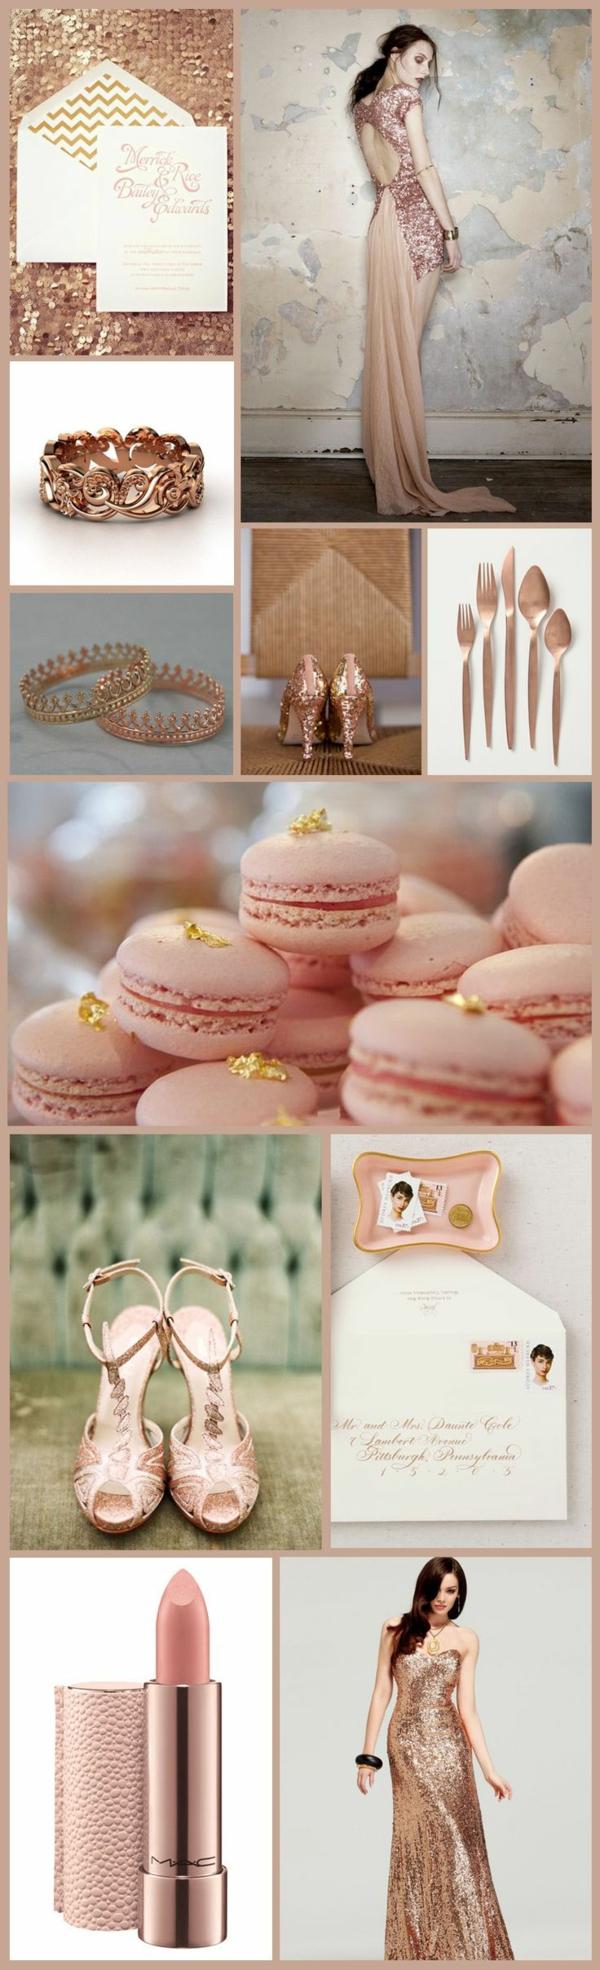 robe-de-mariée-princesse-en-rose-macarons-carte-tout-pour-le-mariage